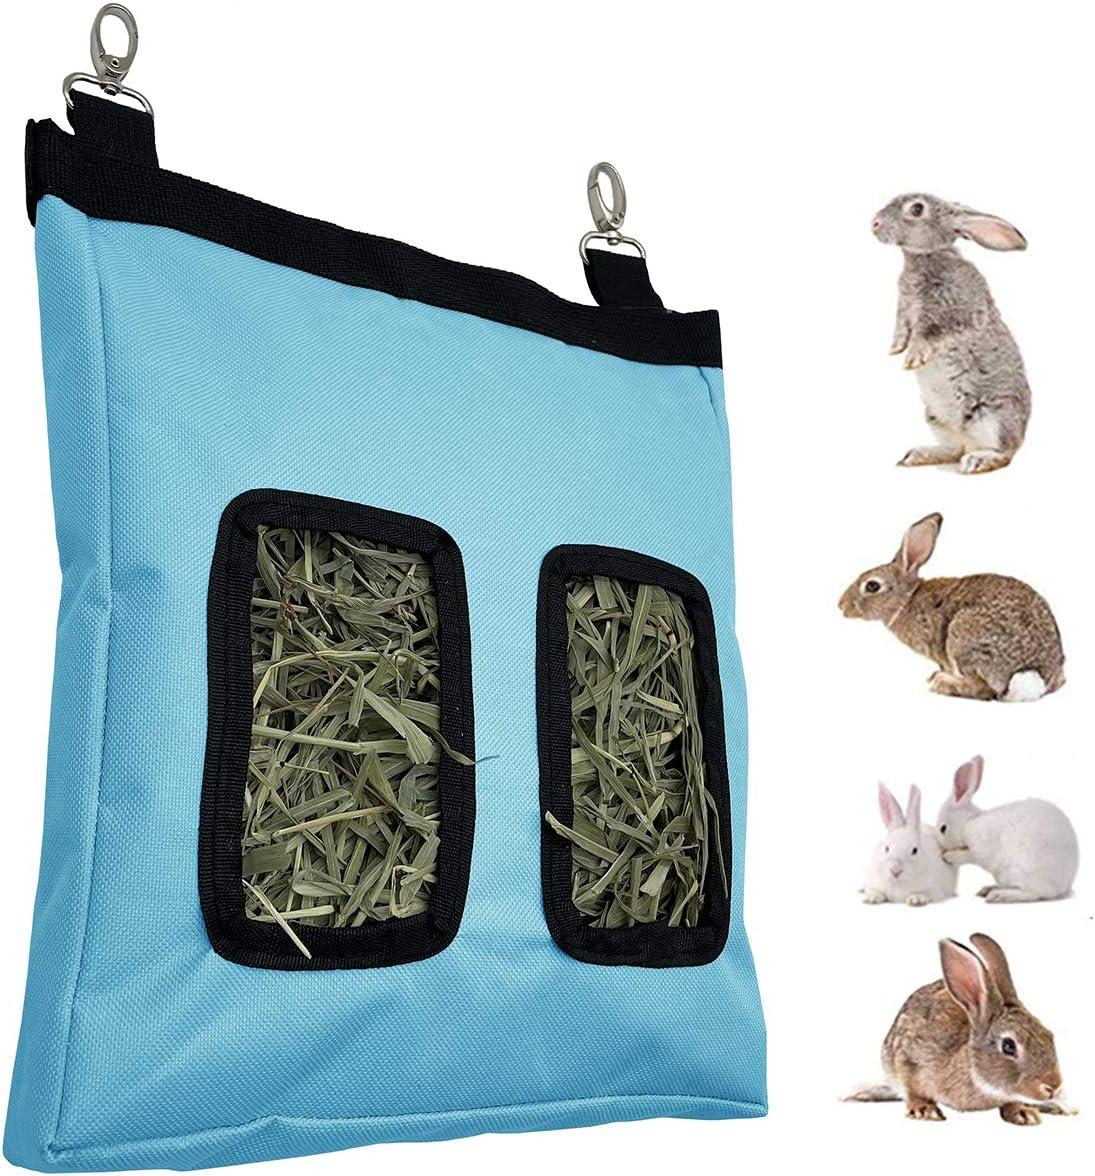 Rabbit Feeder Bunny Guinea Pig Hay Feeder Bag,Hay Guinea Pig Hay Feeder, Rabbit Feeder Fabric Bag Chinchilla Plastic Food Bowl Feeder Storage Bag (Blue)